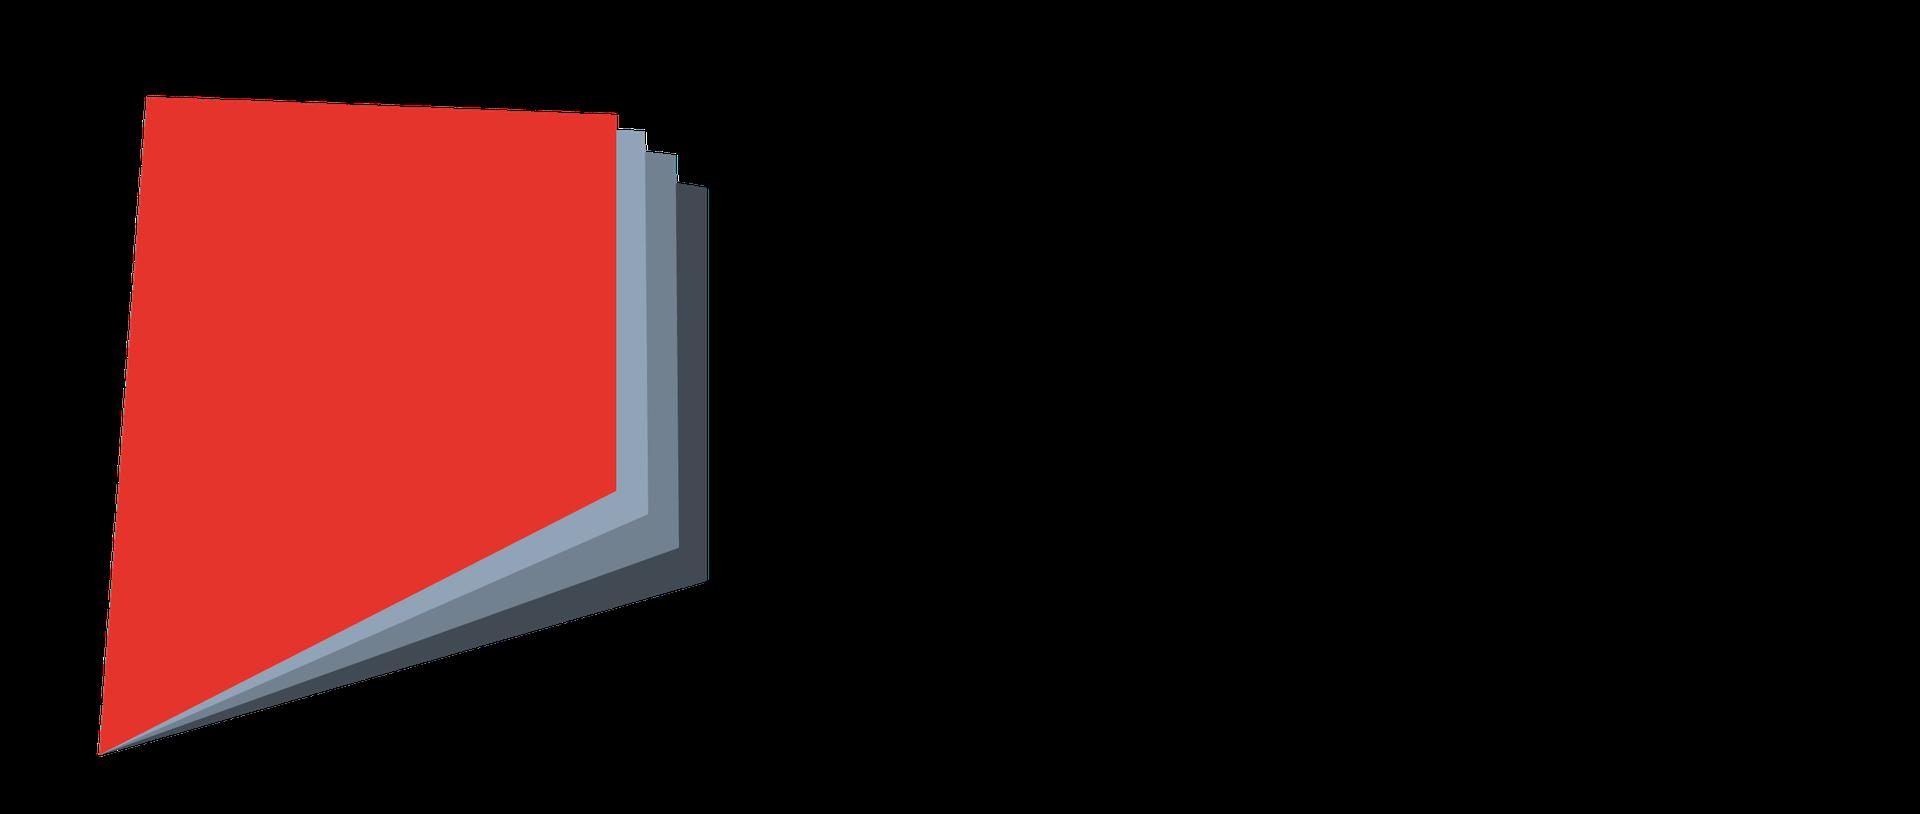 Centro per il libro e la lettura - logo